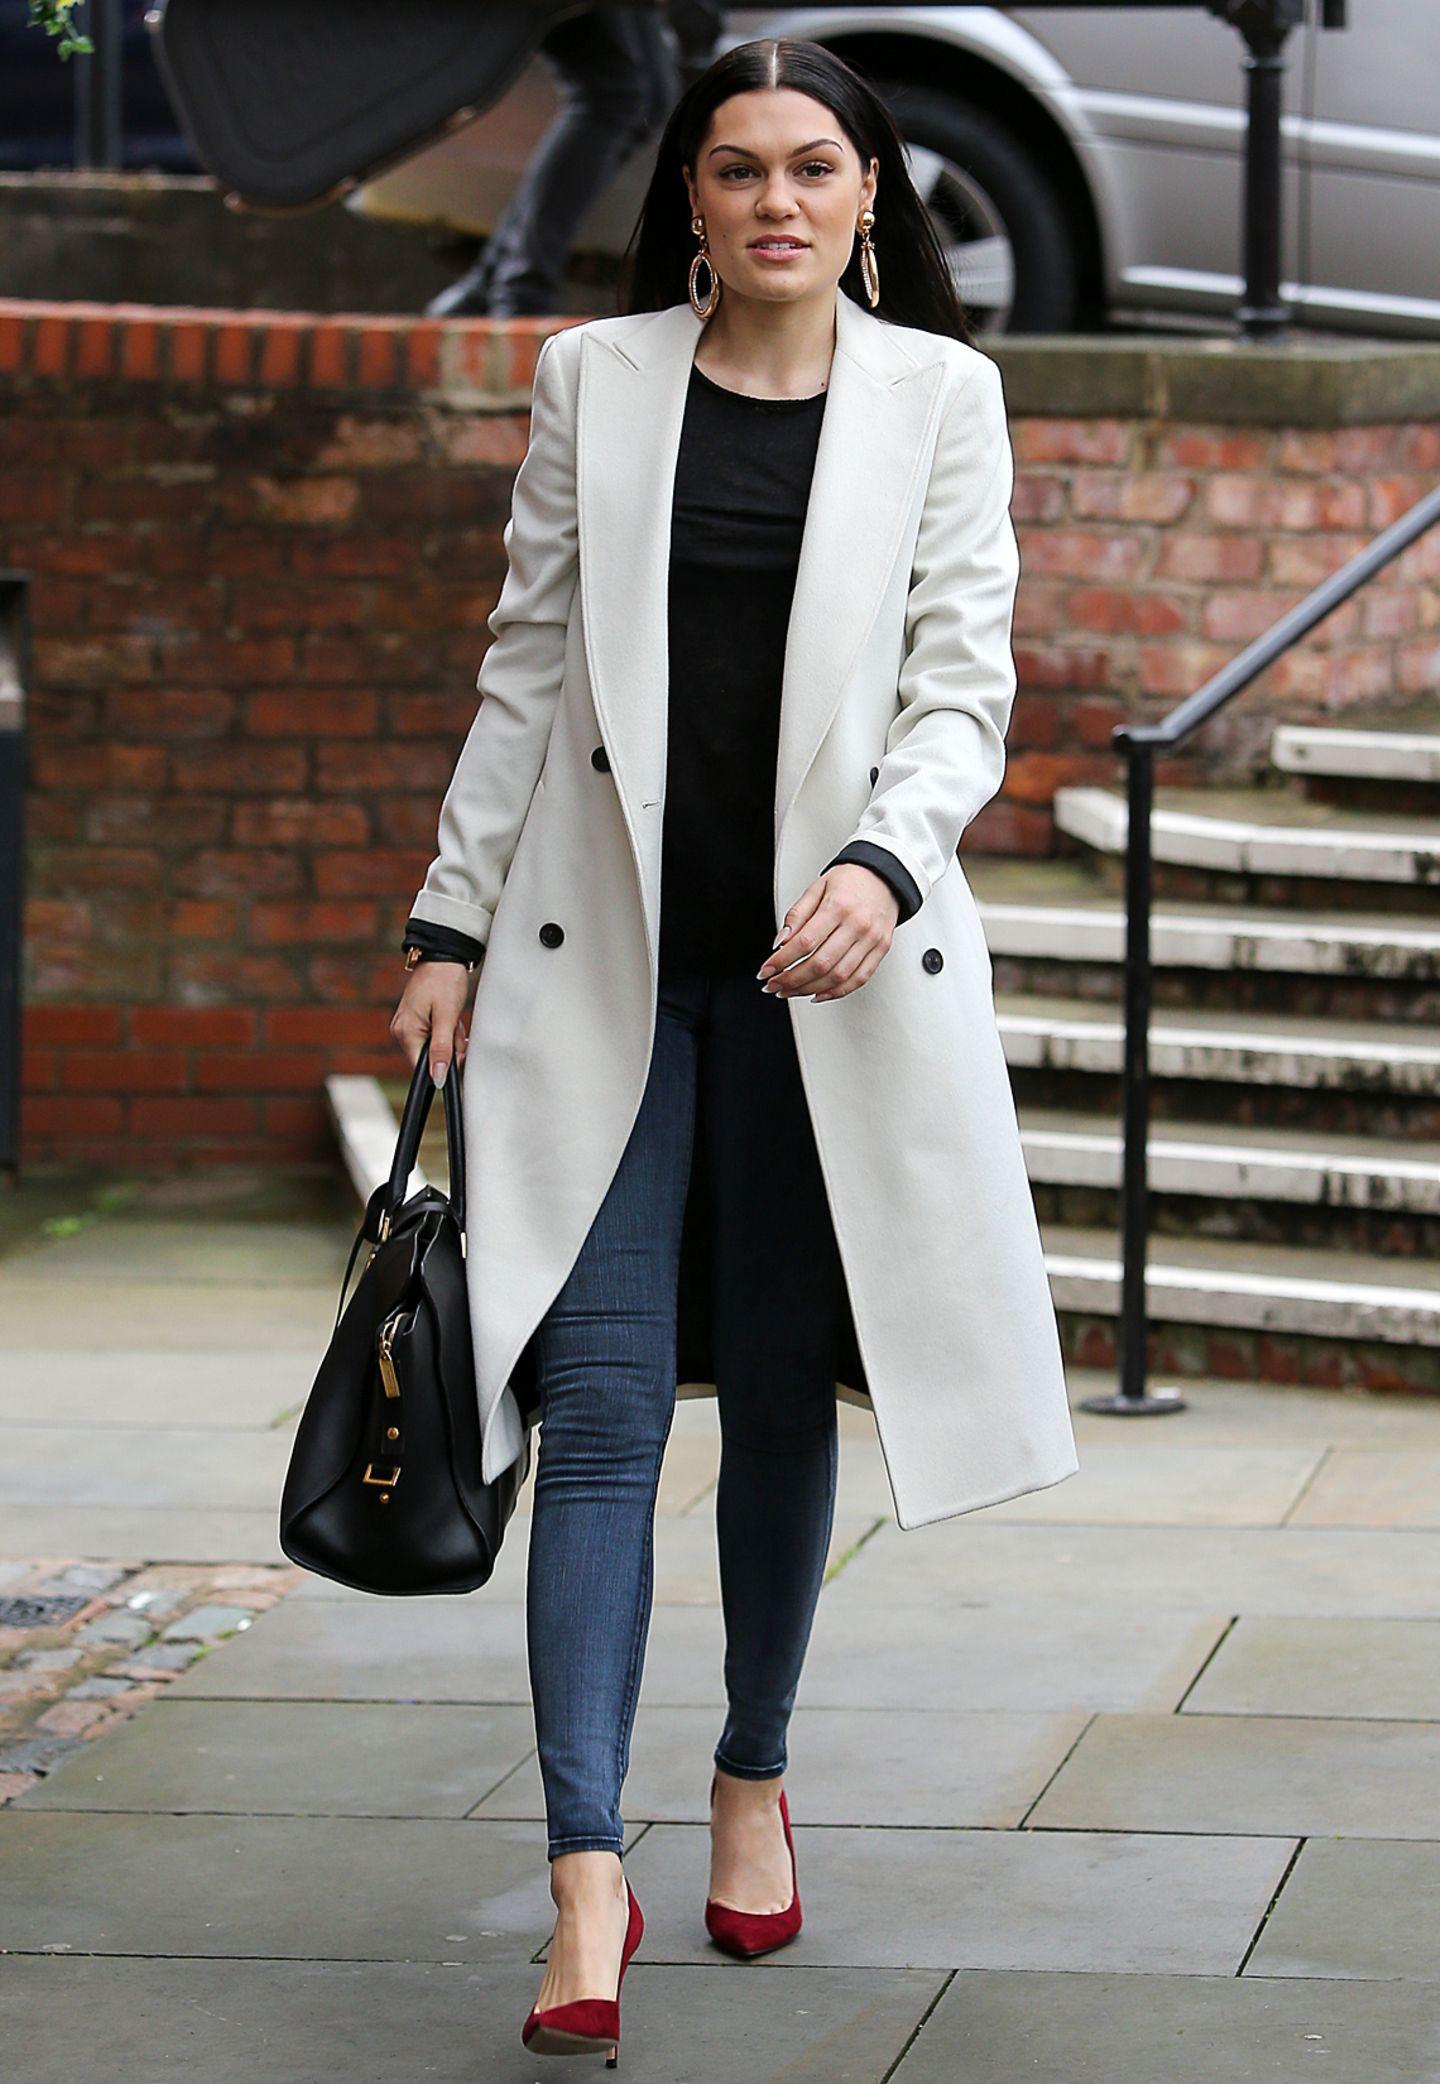 Auch Sängerin Jessie J hat sich schon auf die bevorstehenden kalten Tage vorbereitet und sich einen Mantel im Trenchcoat-Look zugelegt.